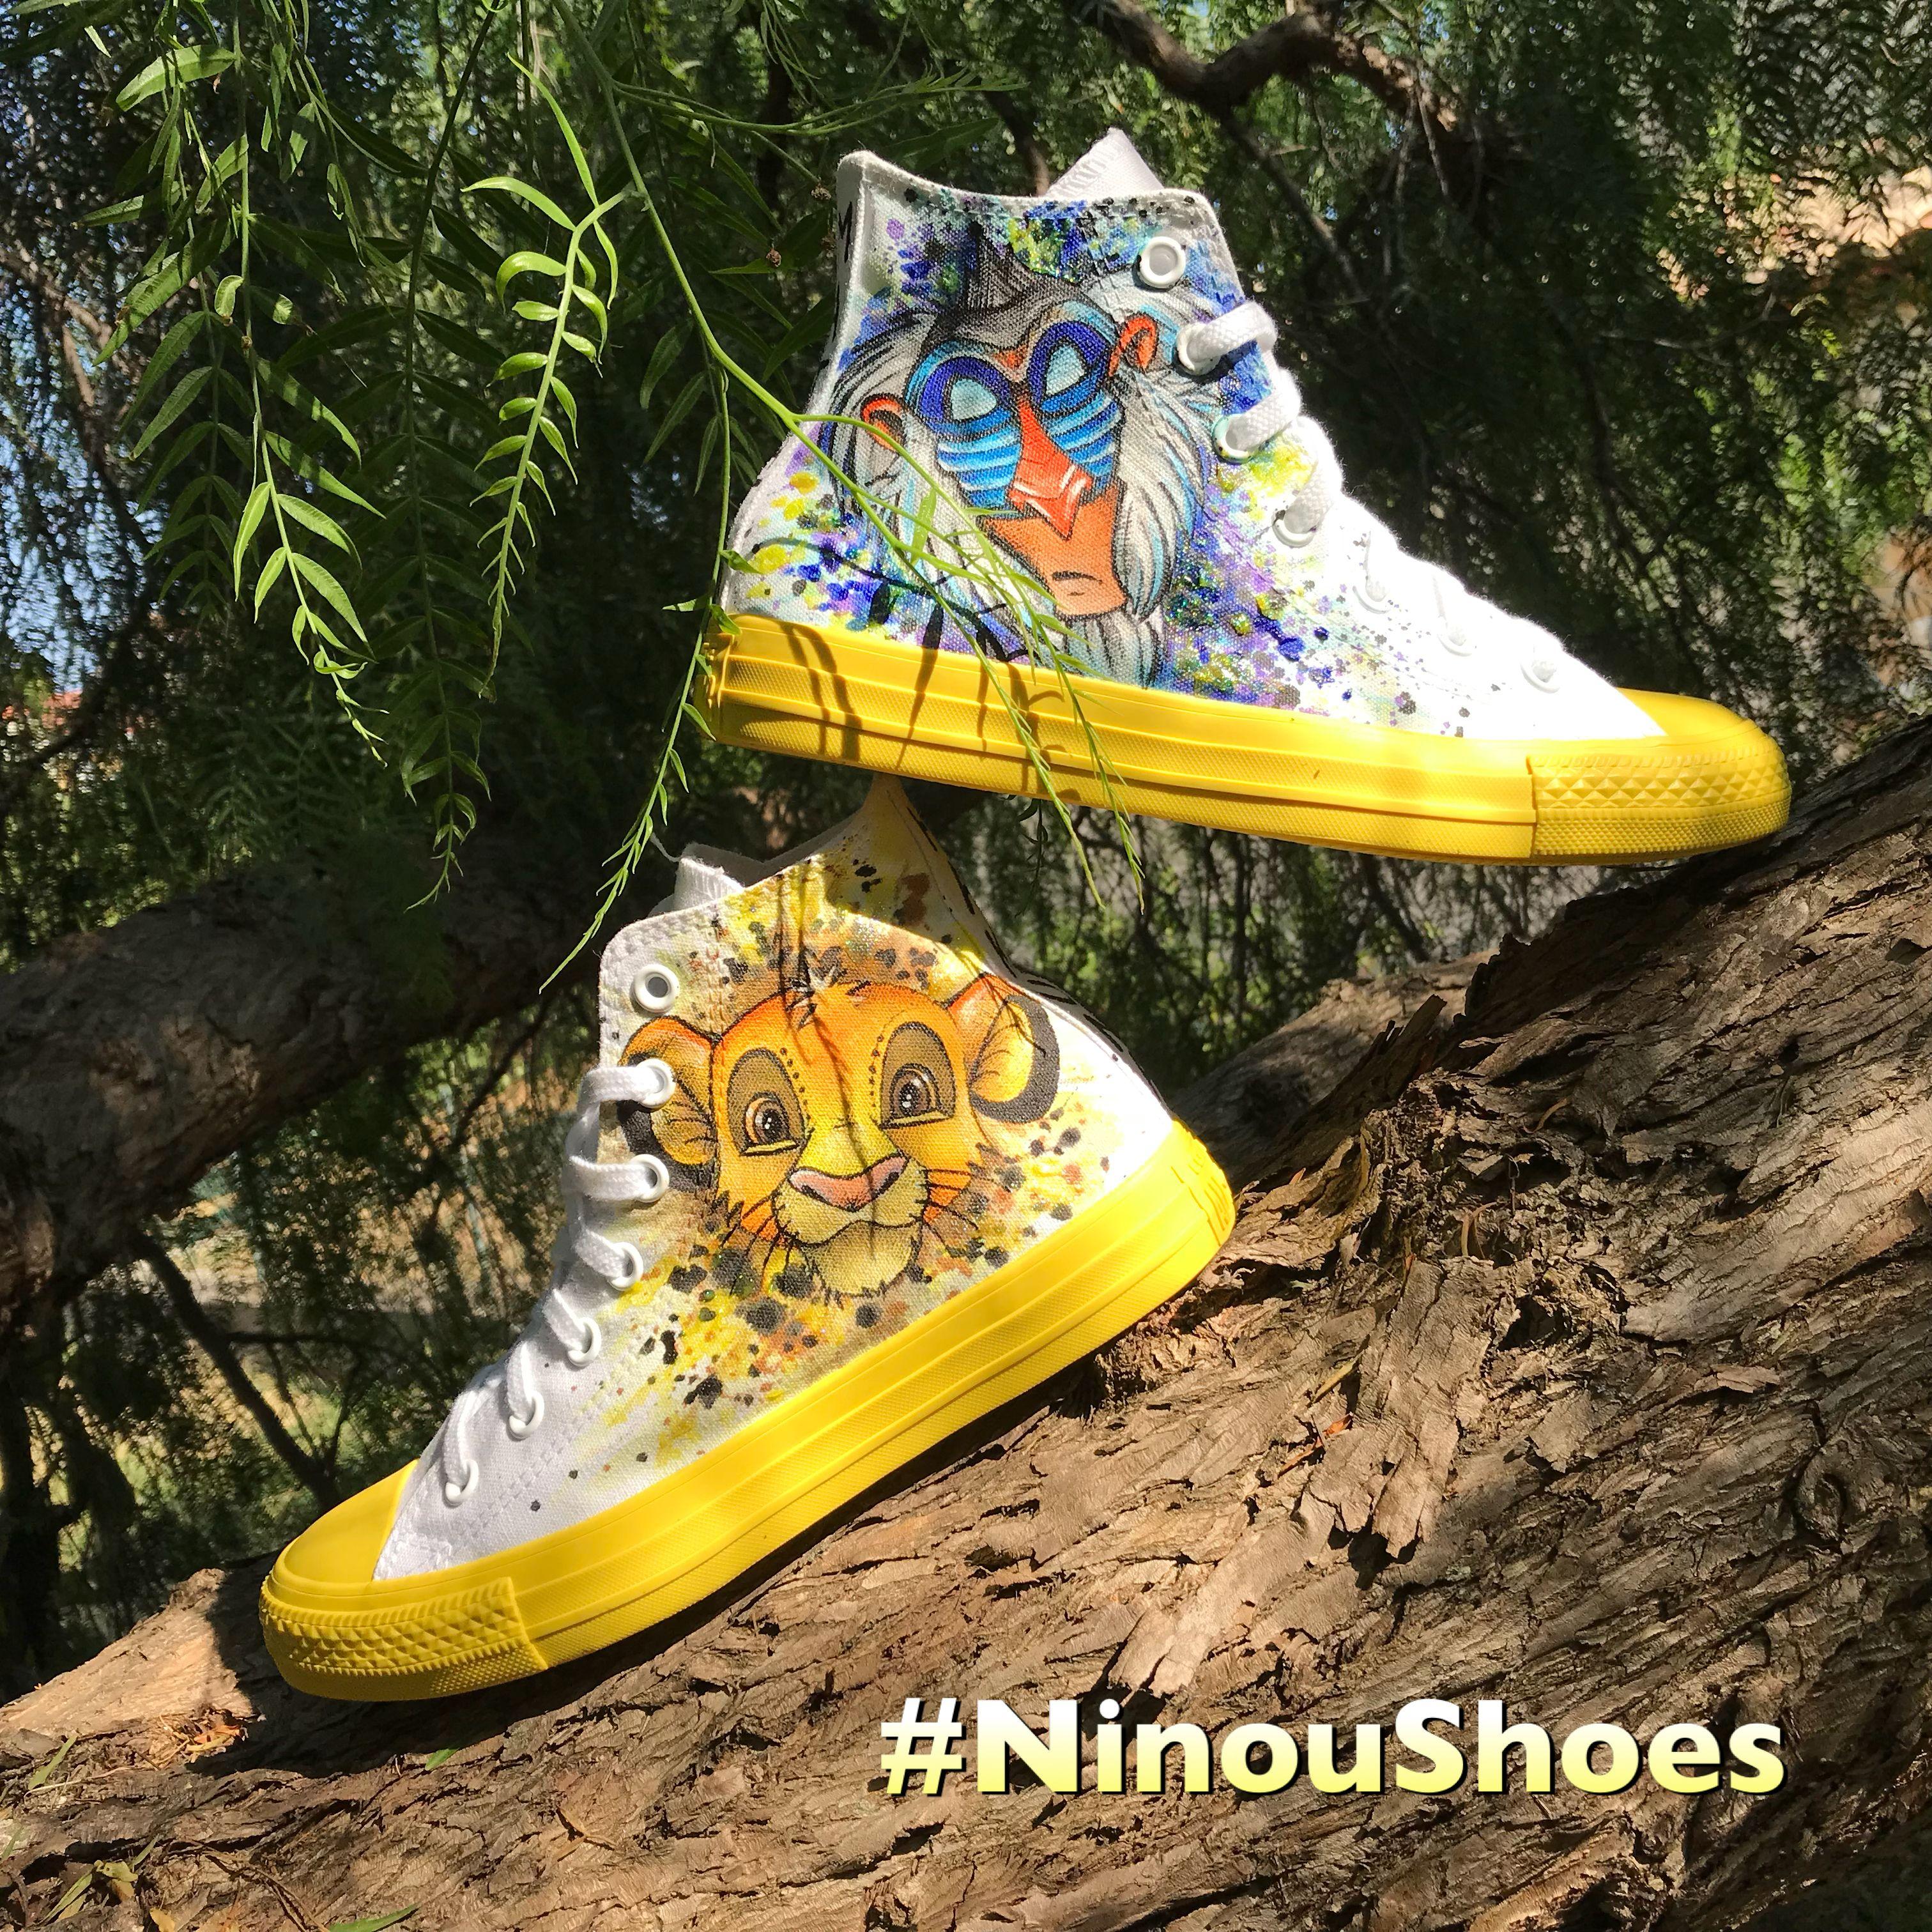 NinouShoes Je personnalise vos baskets selon vos désirs